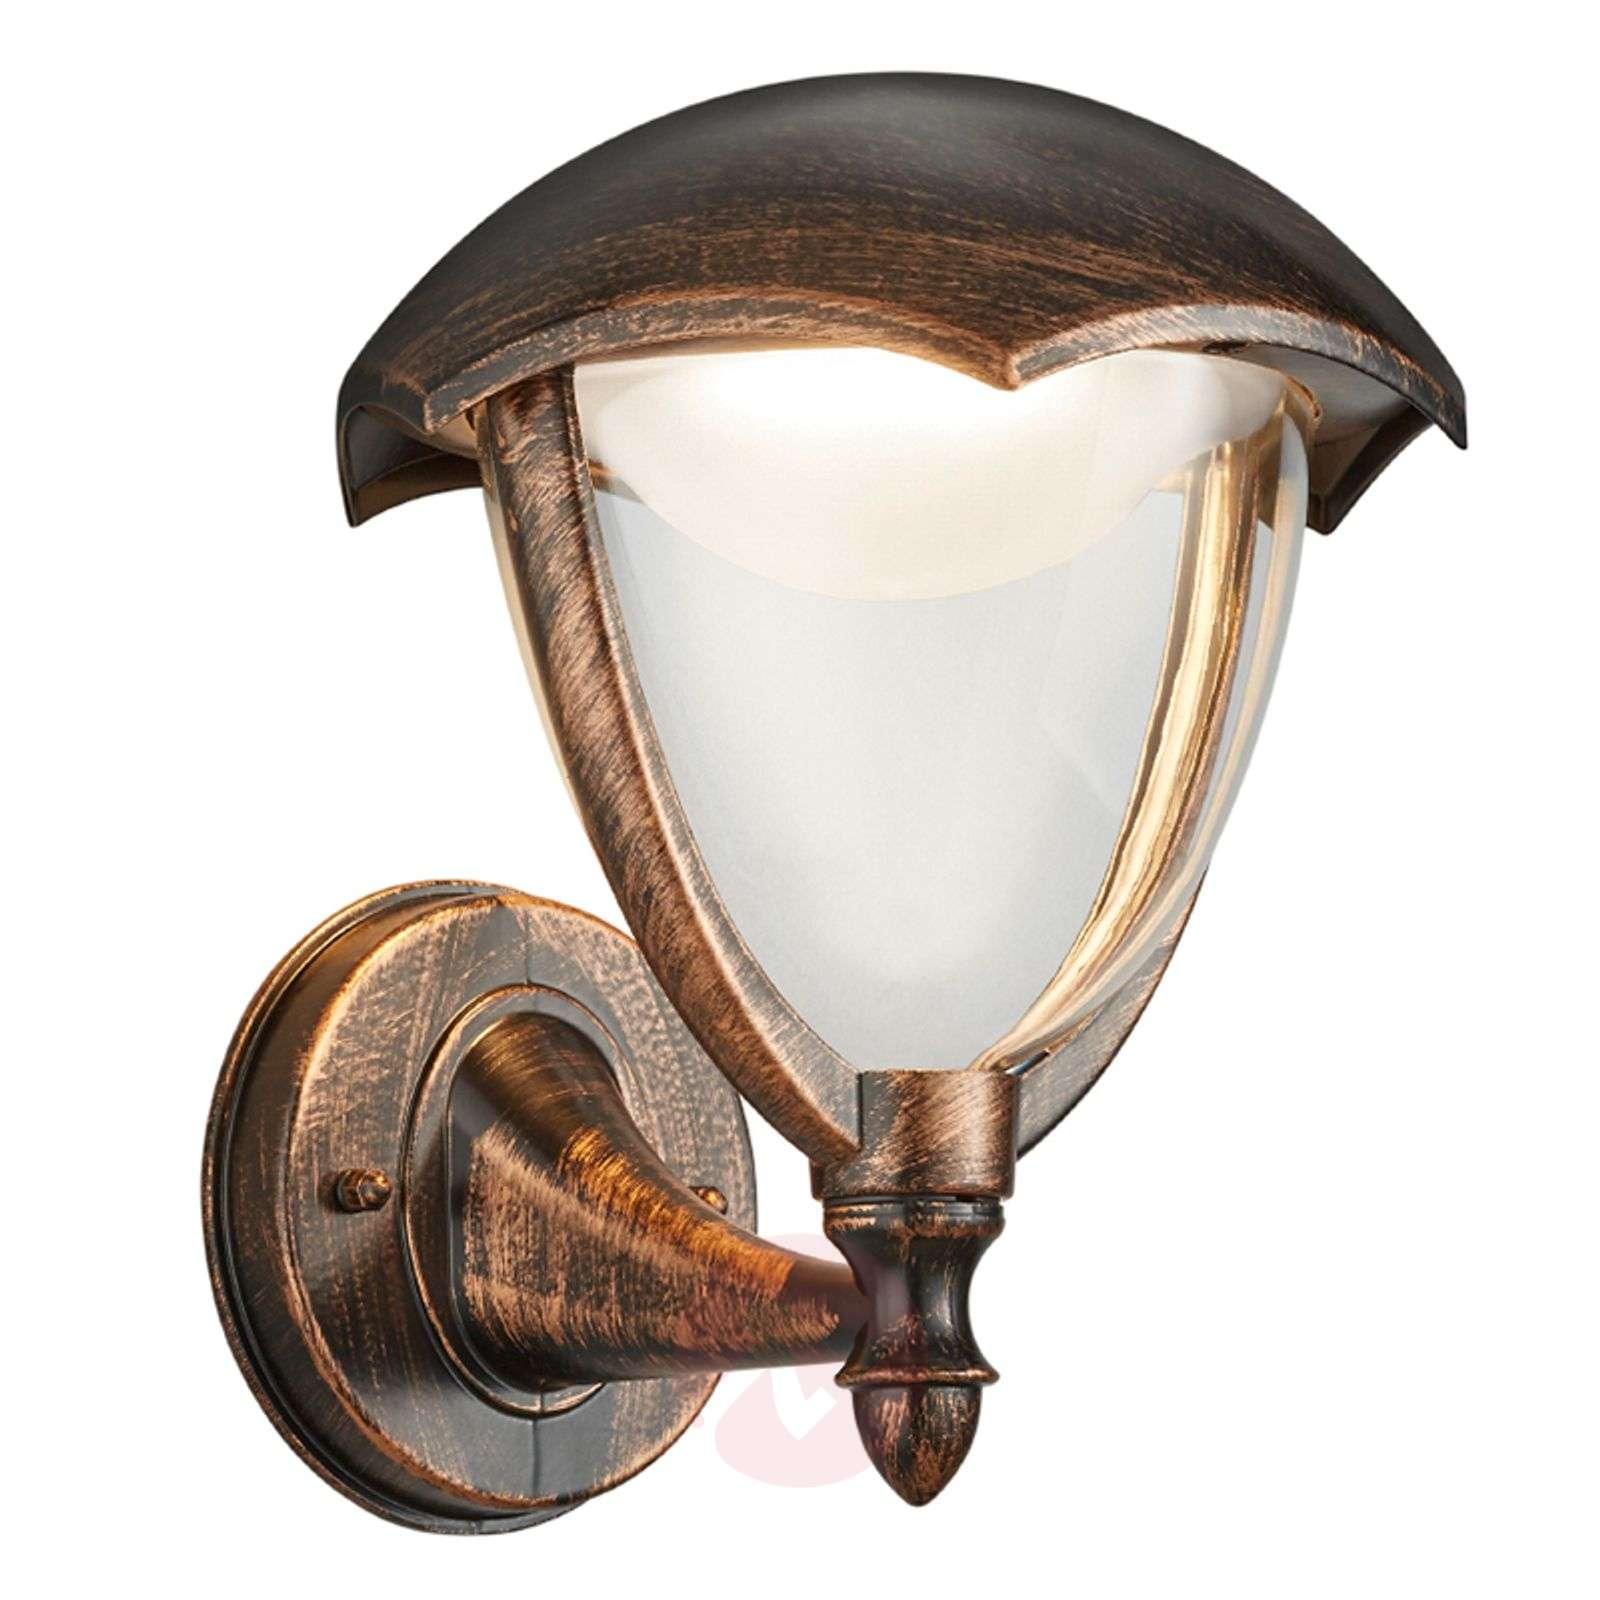 LED-ulkoseinälamppu Gracht ylösvalo ruosteen väri-9005318-01